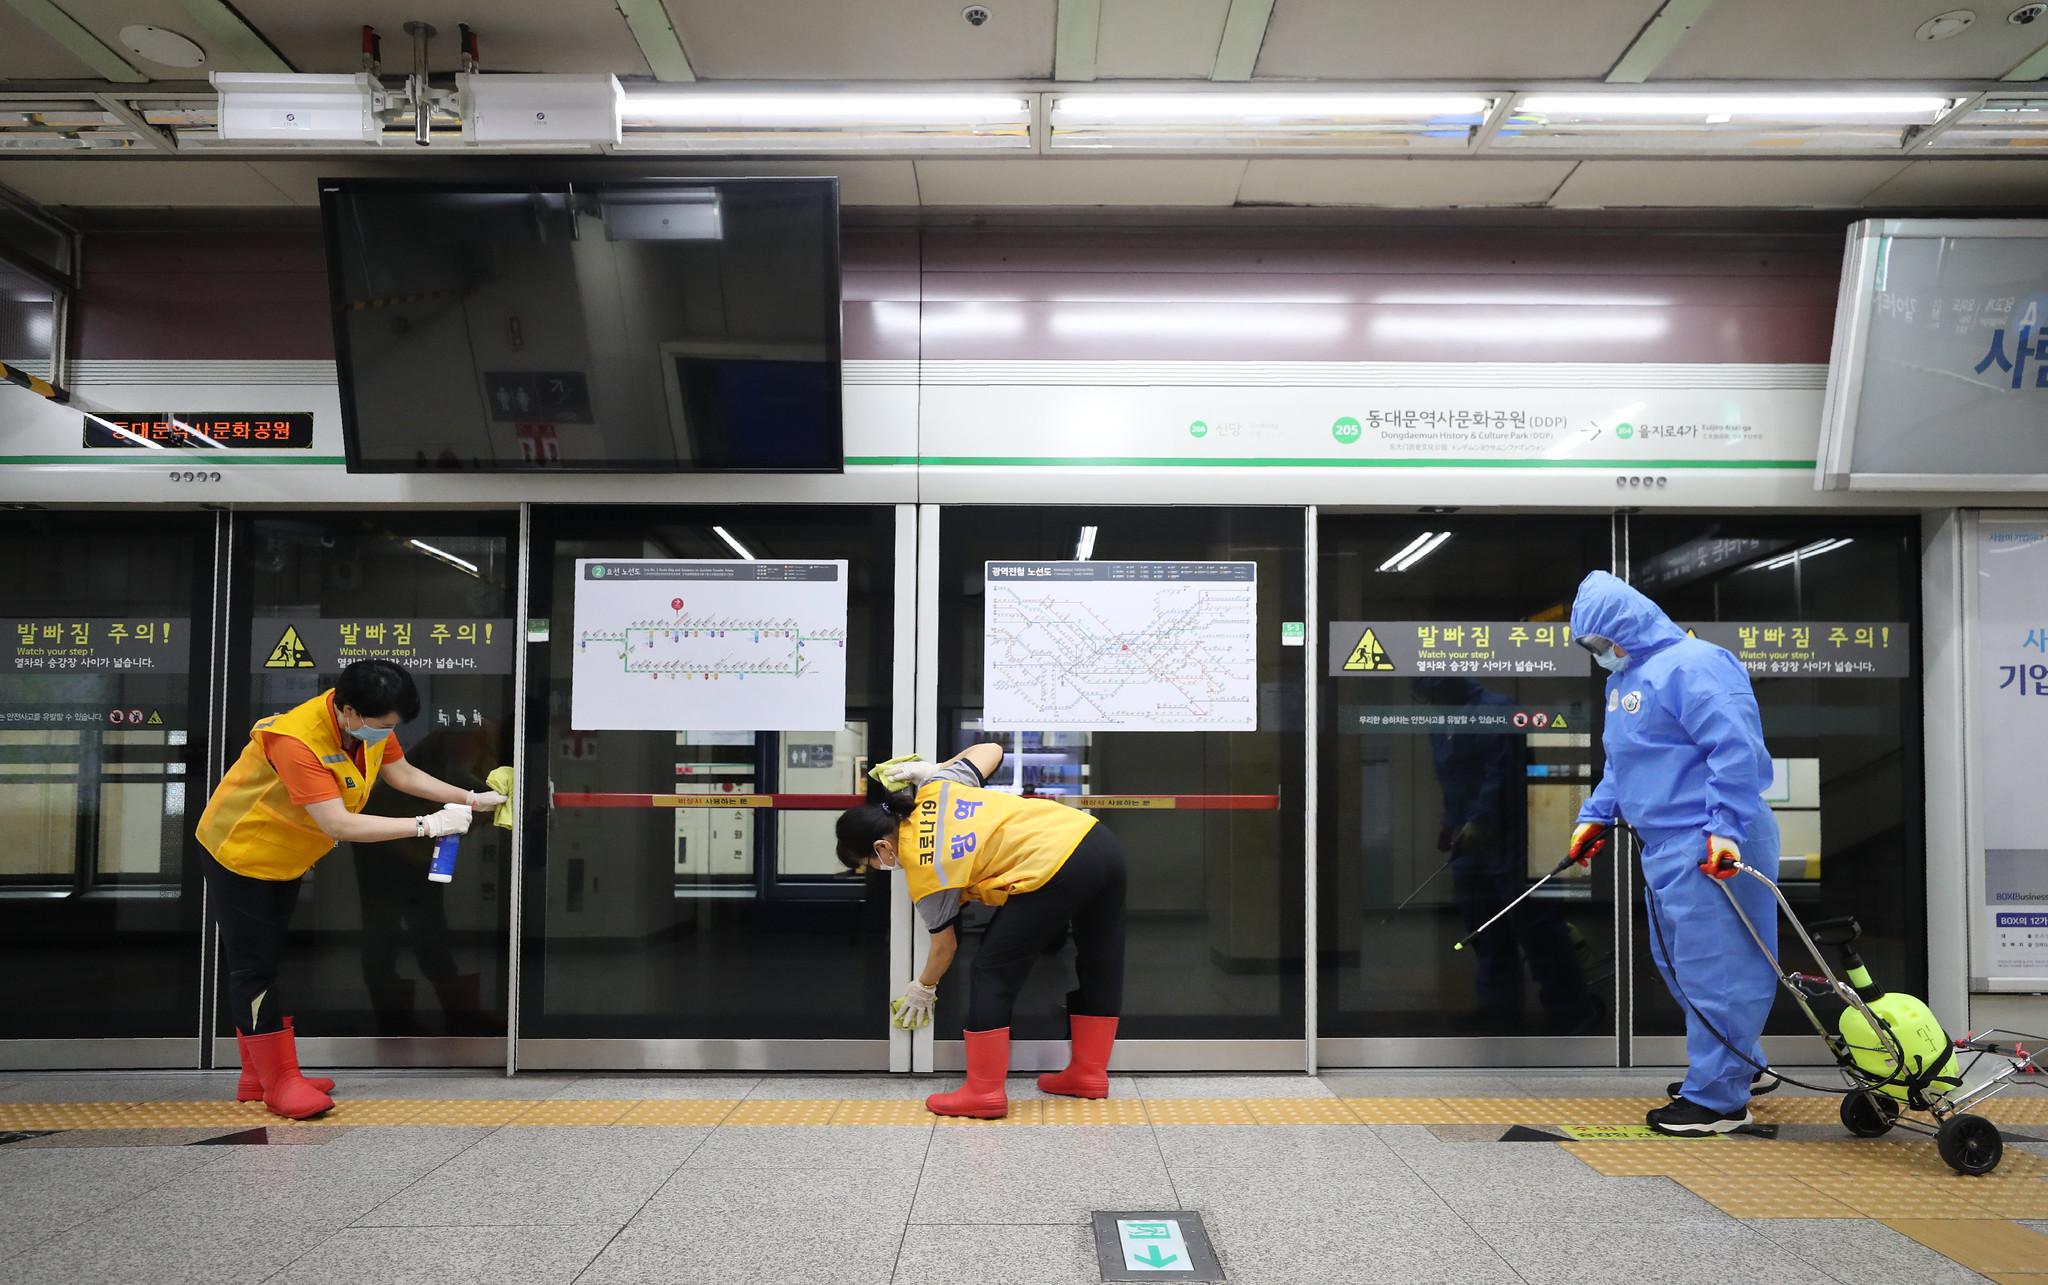 ▲ 한국산업안전보건공단은 최근 국제노동기구 산하 국제사회보장협회(ISSA)를 비롯해 독일, 프랑스 등 13개국 17개 기관에서 코로나바이러스감염증-19 대응 방역 관련 자료를 요청했다고 10일 밝혔다. 사진은 서울지하철 소독을 하고 있는 모습. 코리아넷 DB